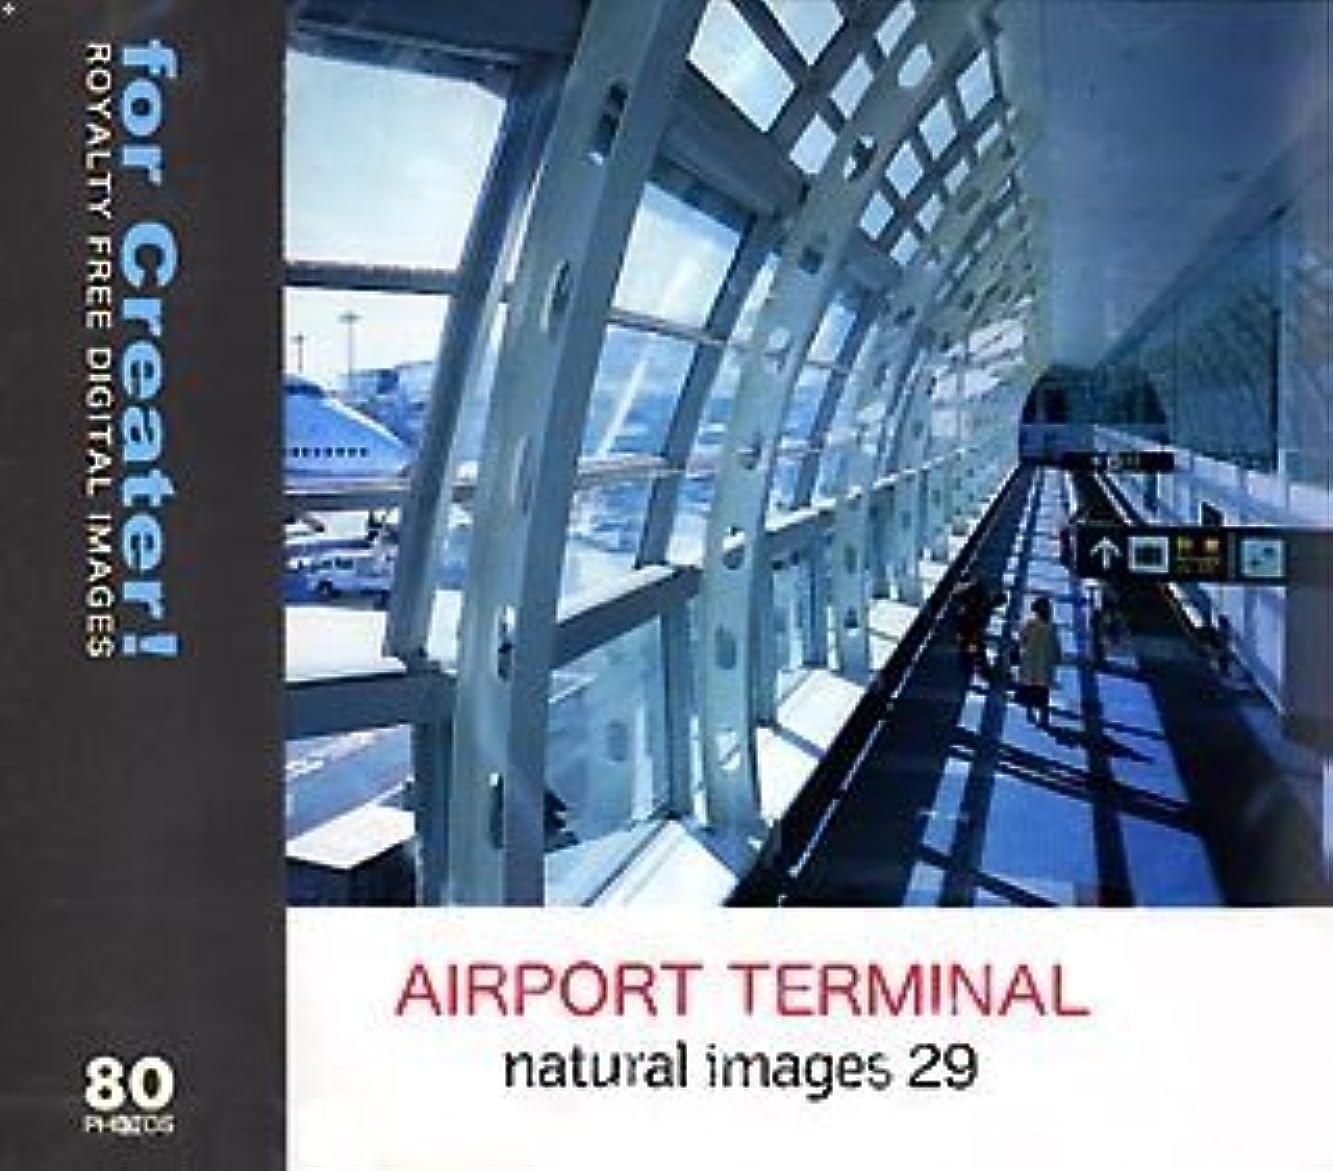 彼らはクッション甥natural images Vol.29 Airport Terminal